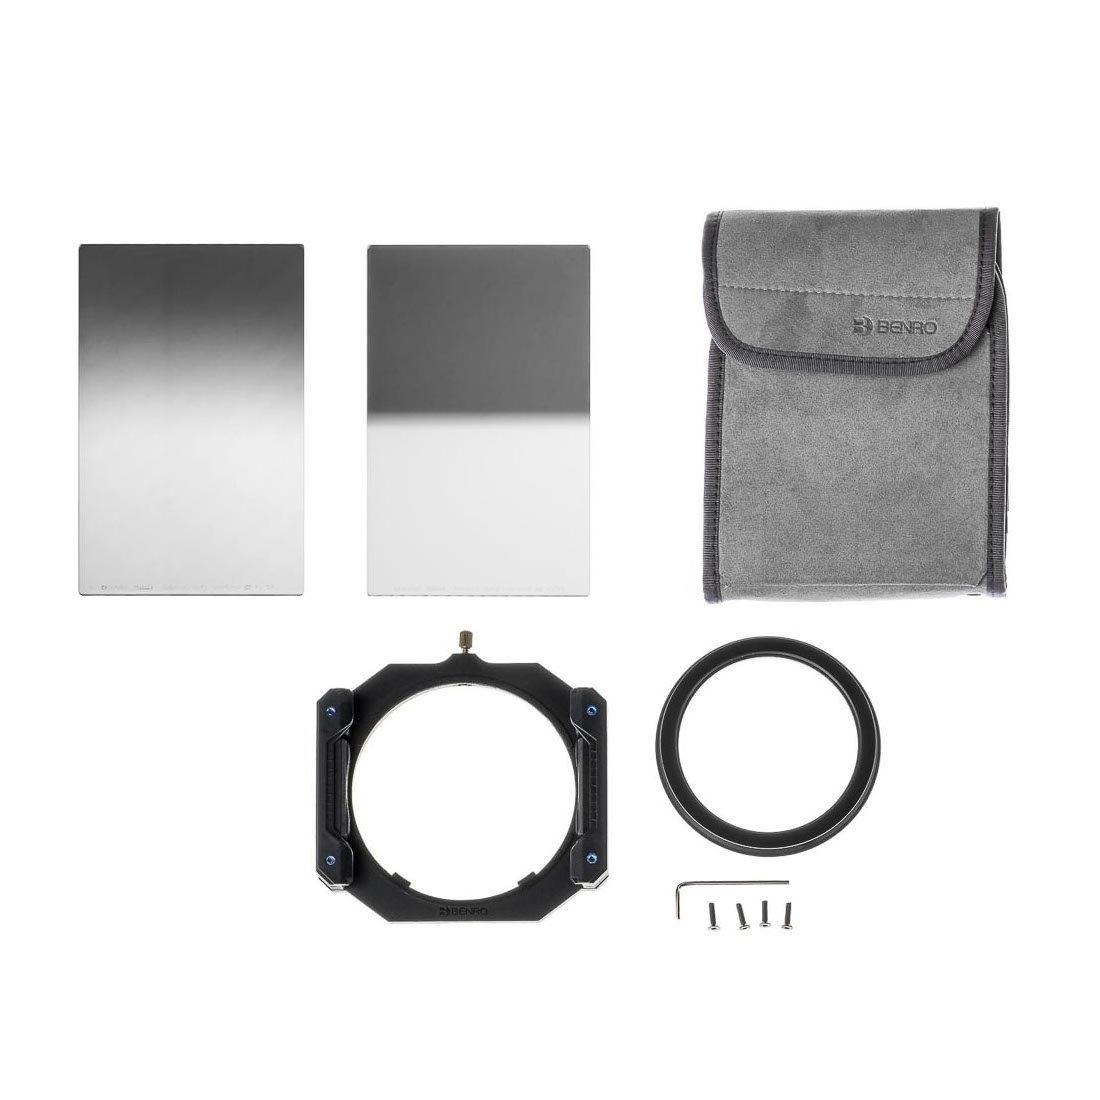 Benro Bas Meelker Master Filter Kit